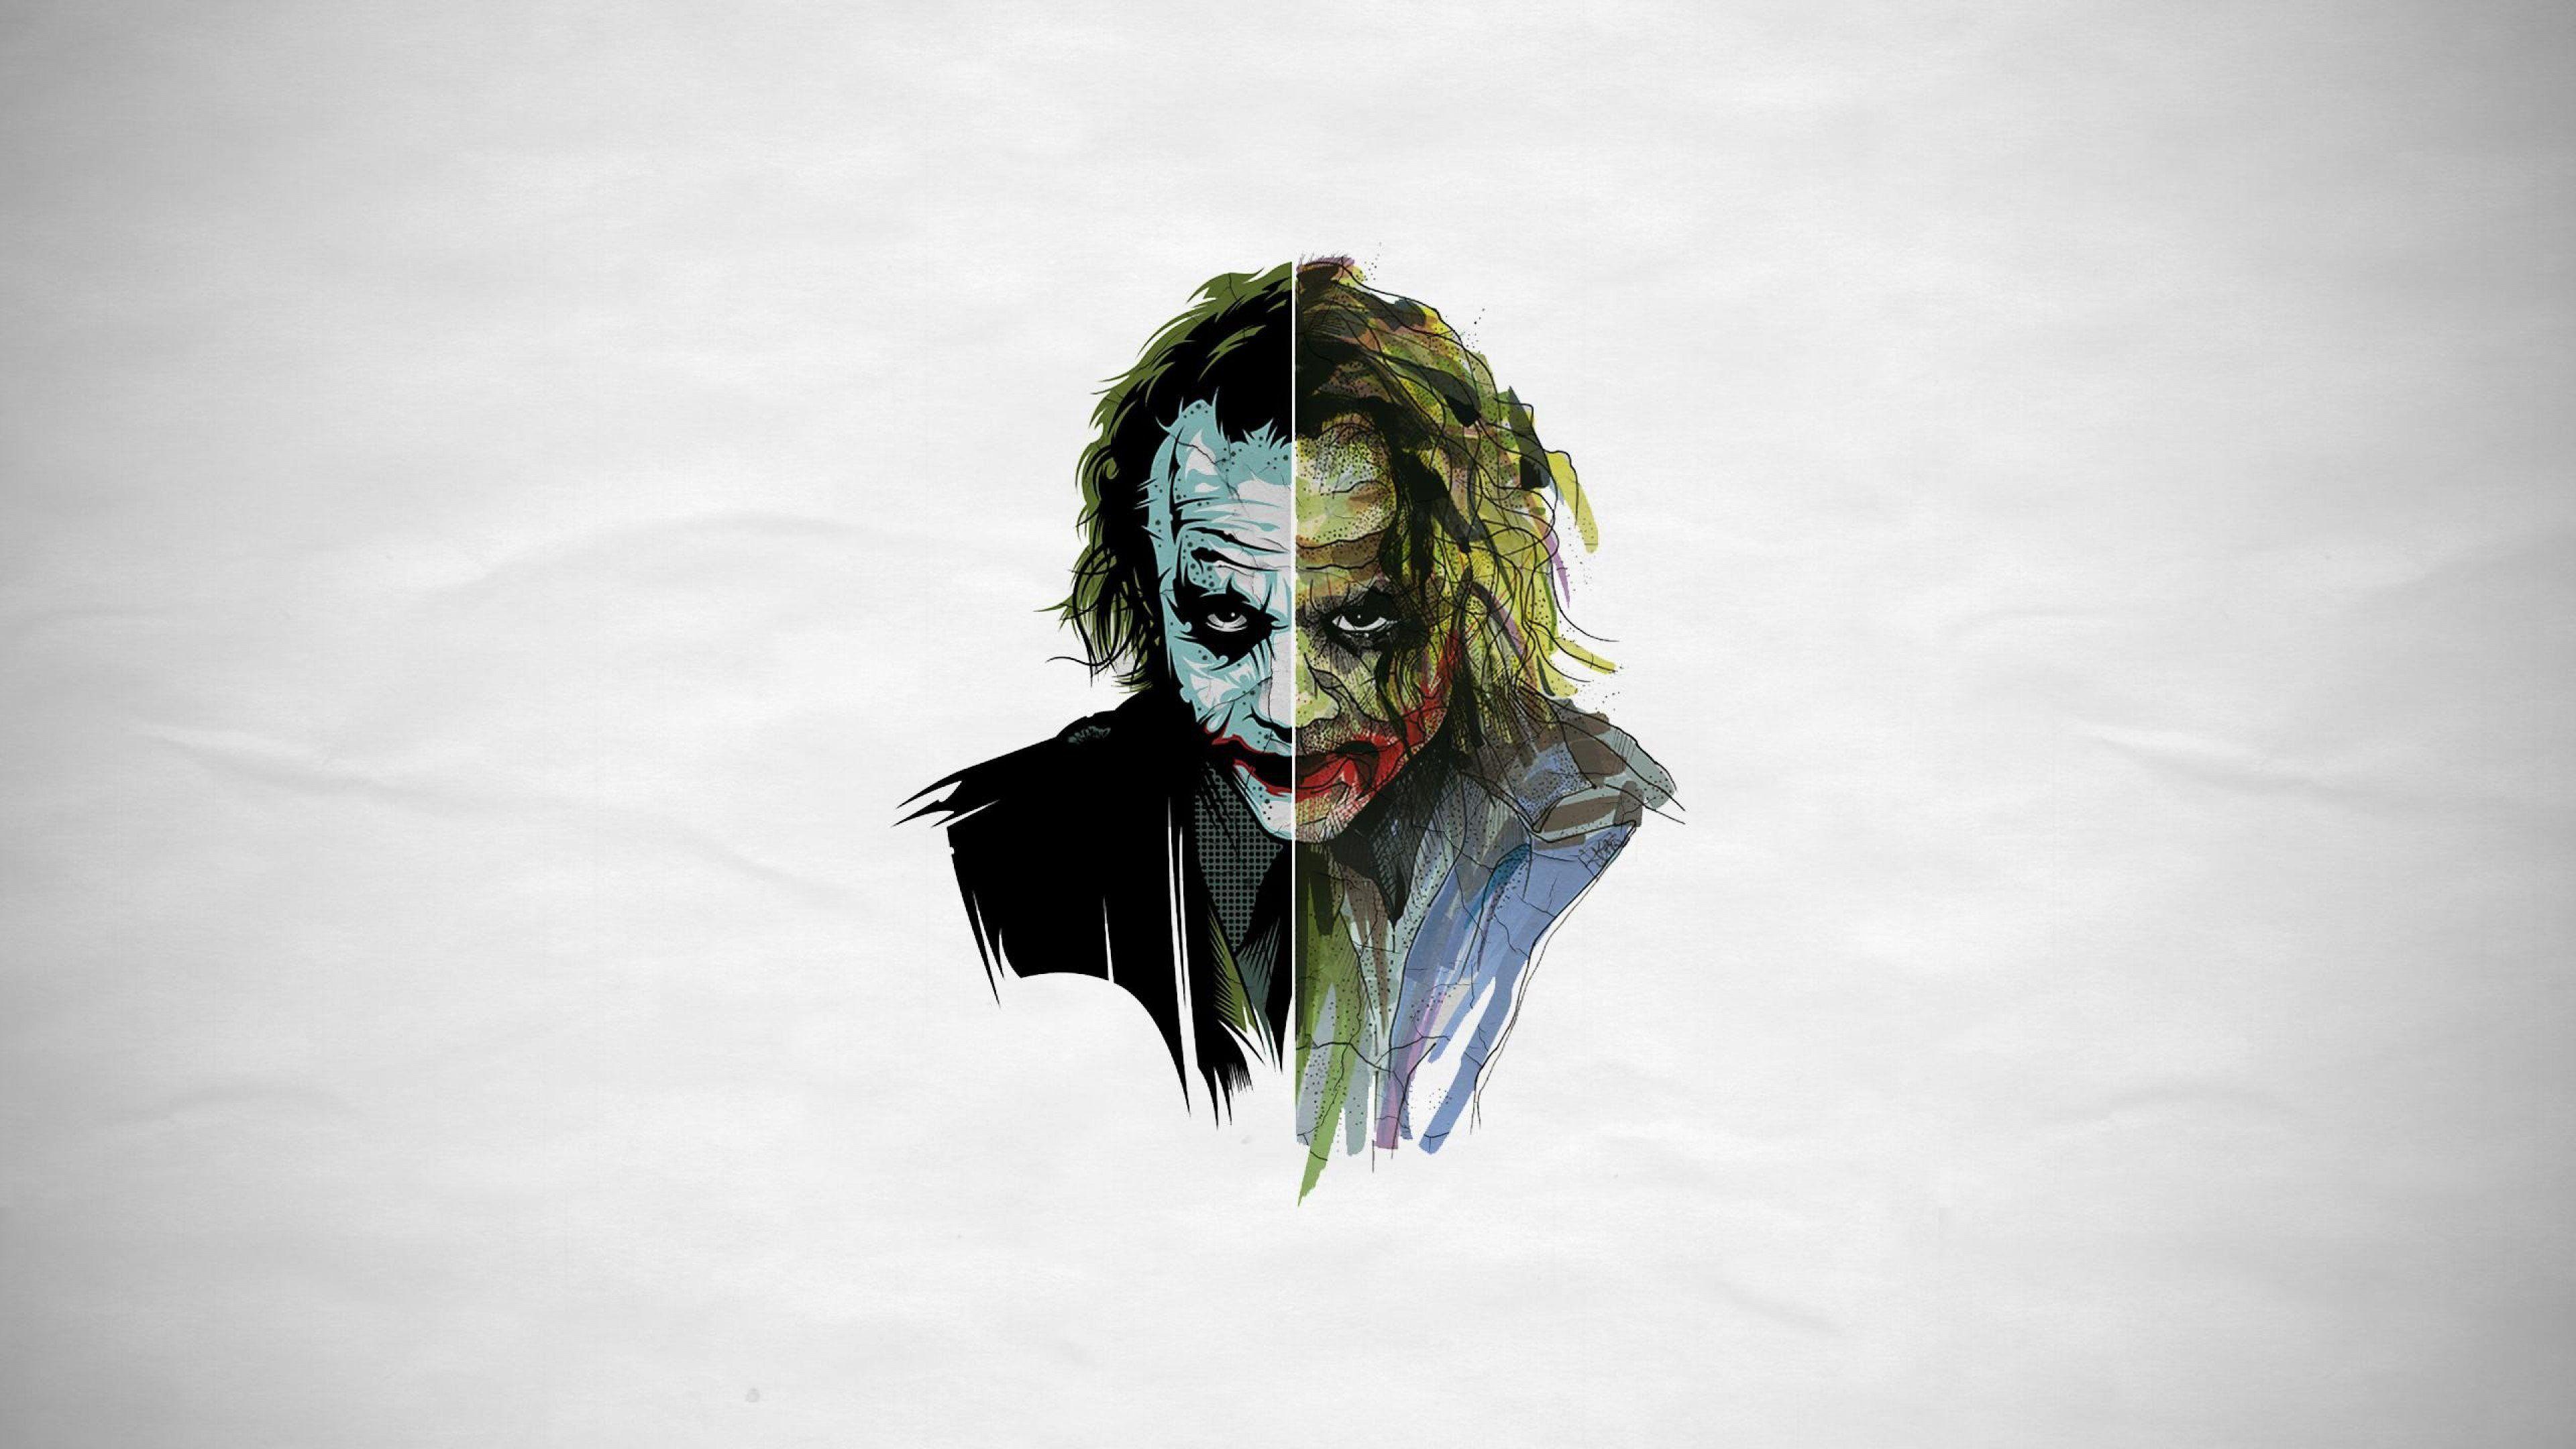 Joker 4k Joker Wallpapers Hd Wallpapers Digital Art Wallpapers Artwork Wallpapers Artist Wallpapers In 2021 Joker Hd Wallpaper Joker Wallpapers Hd Wallpapers 1080p